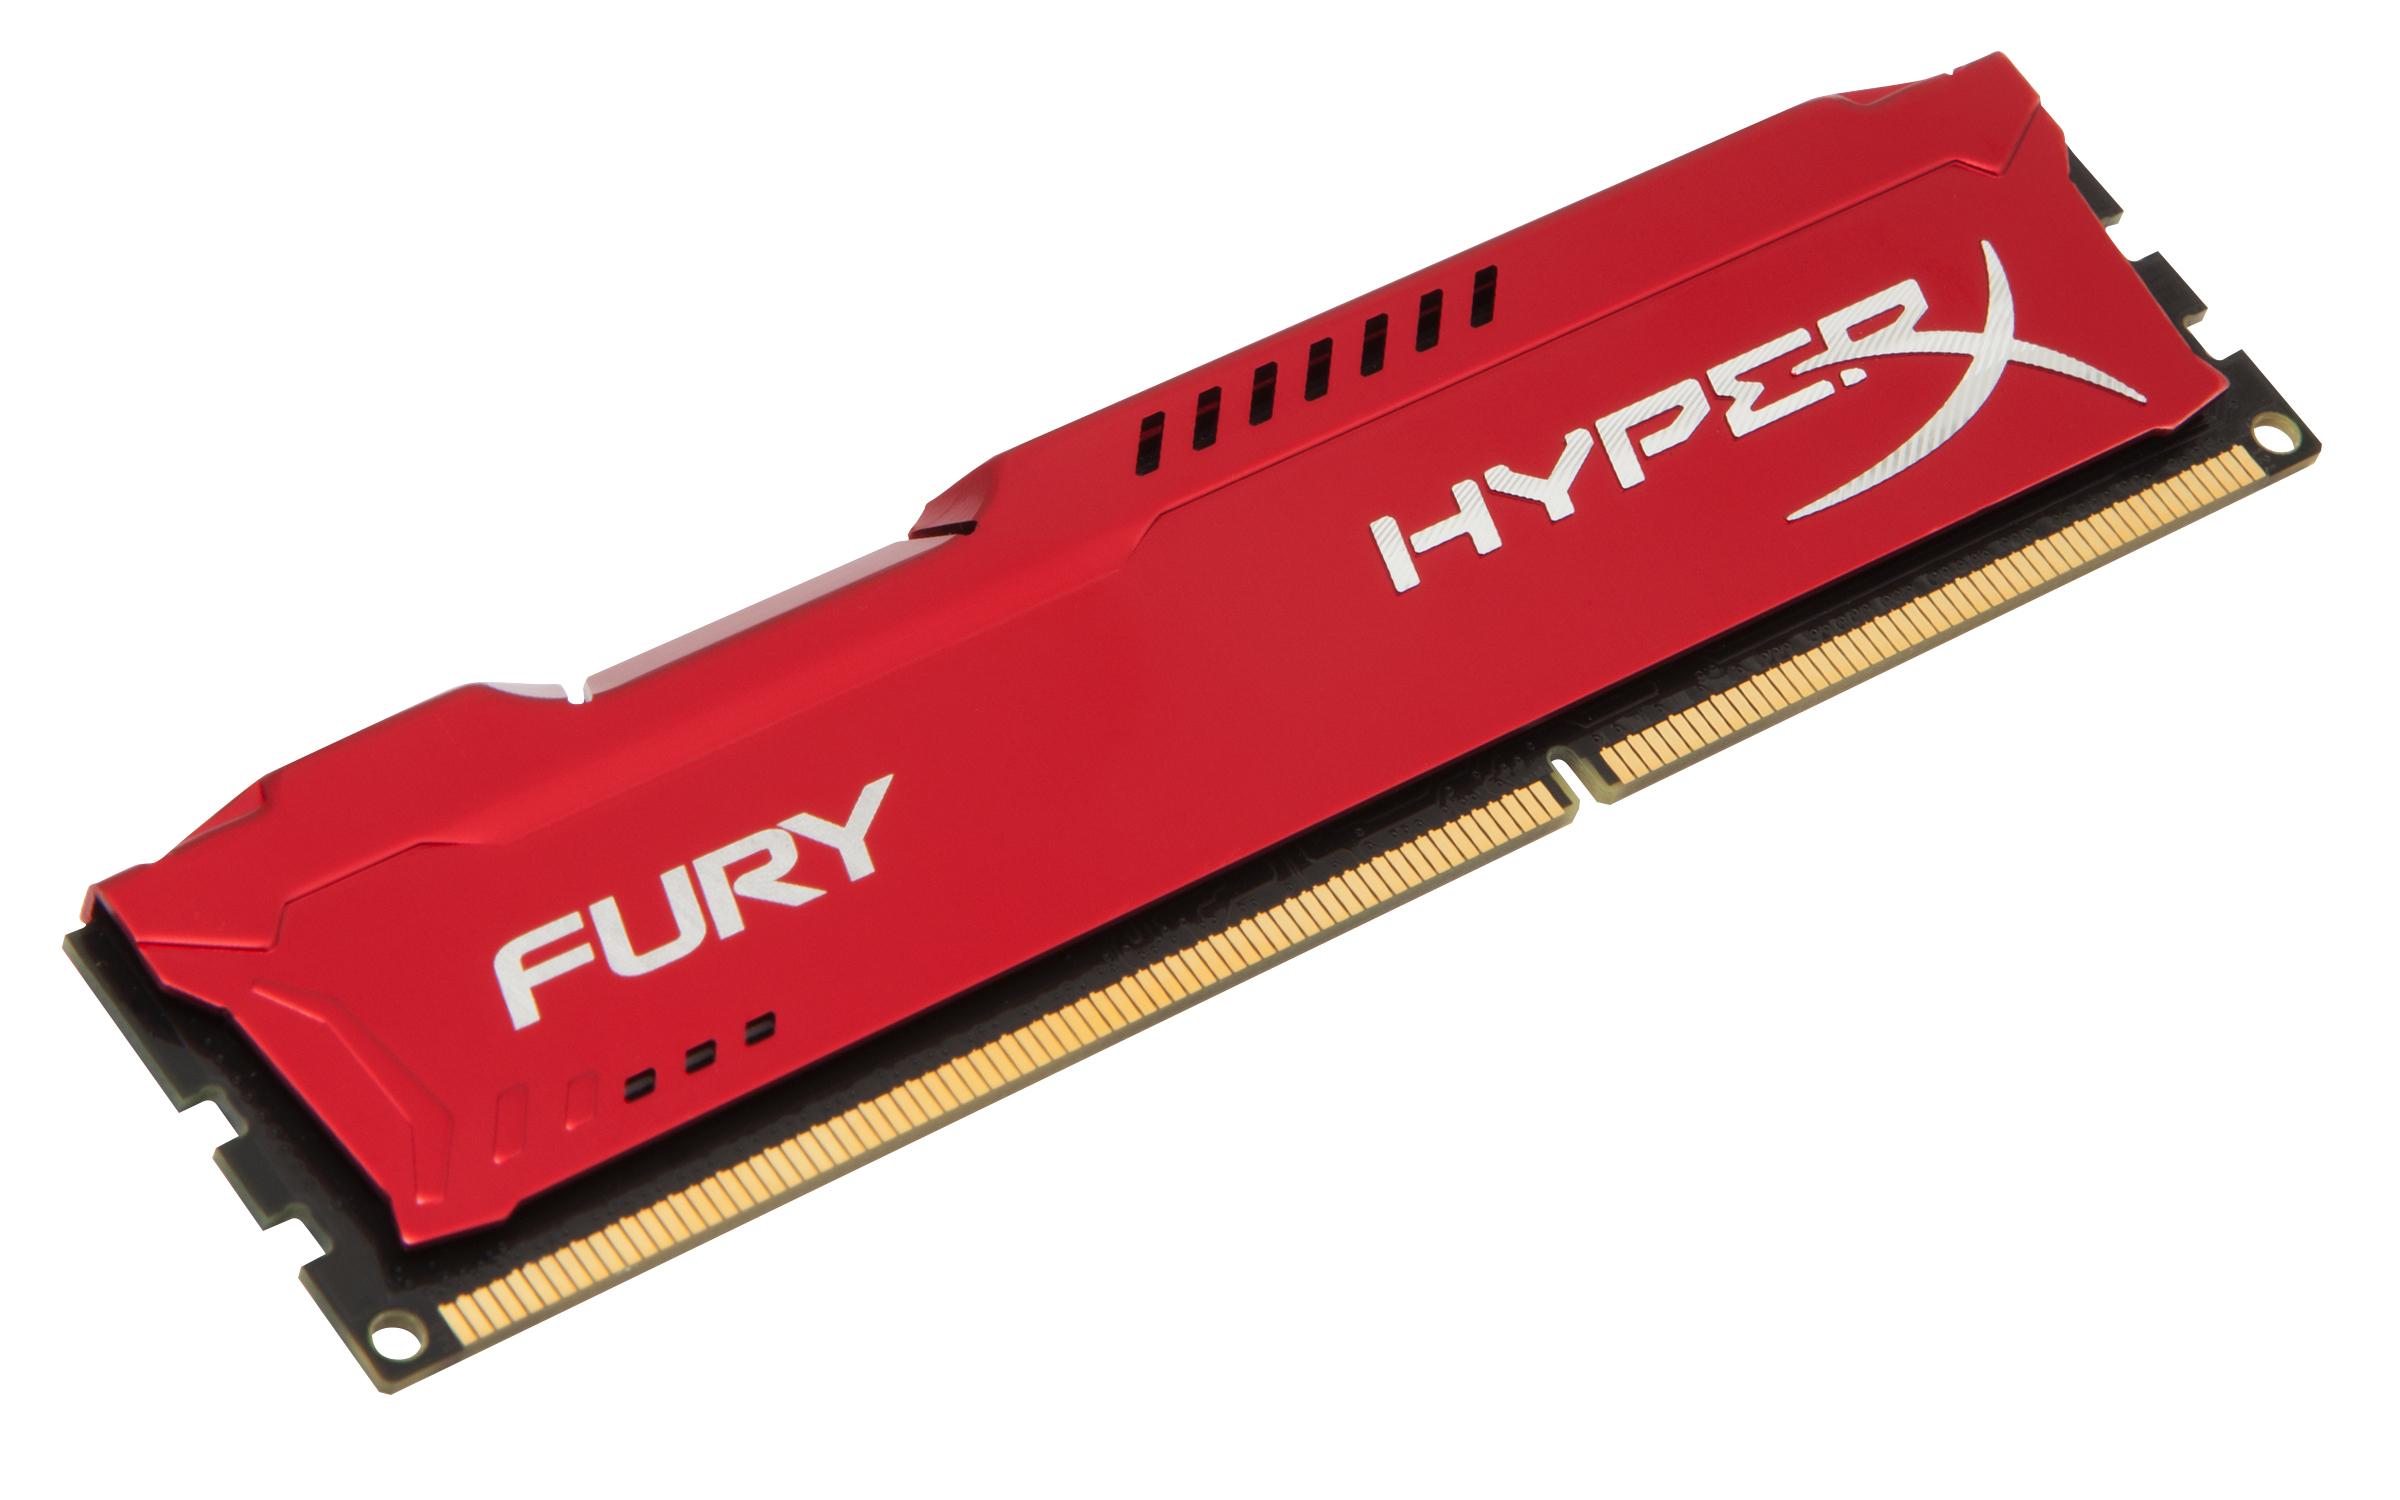 HyperX FURY Red 4GB 1333MHz DDR3 4GB DDR3 1333MHz memory module